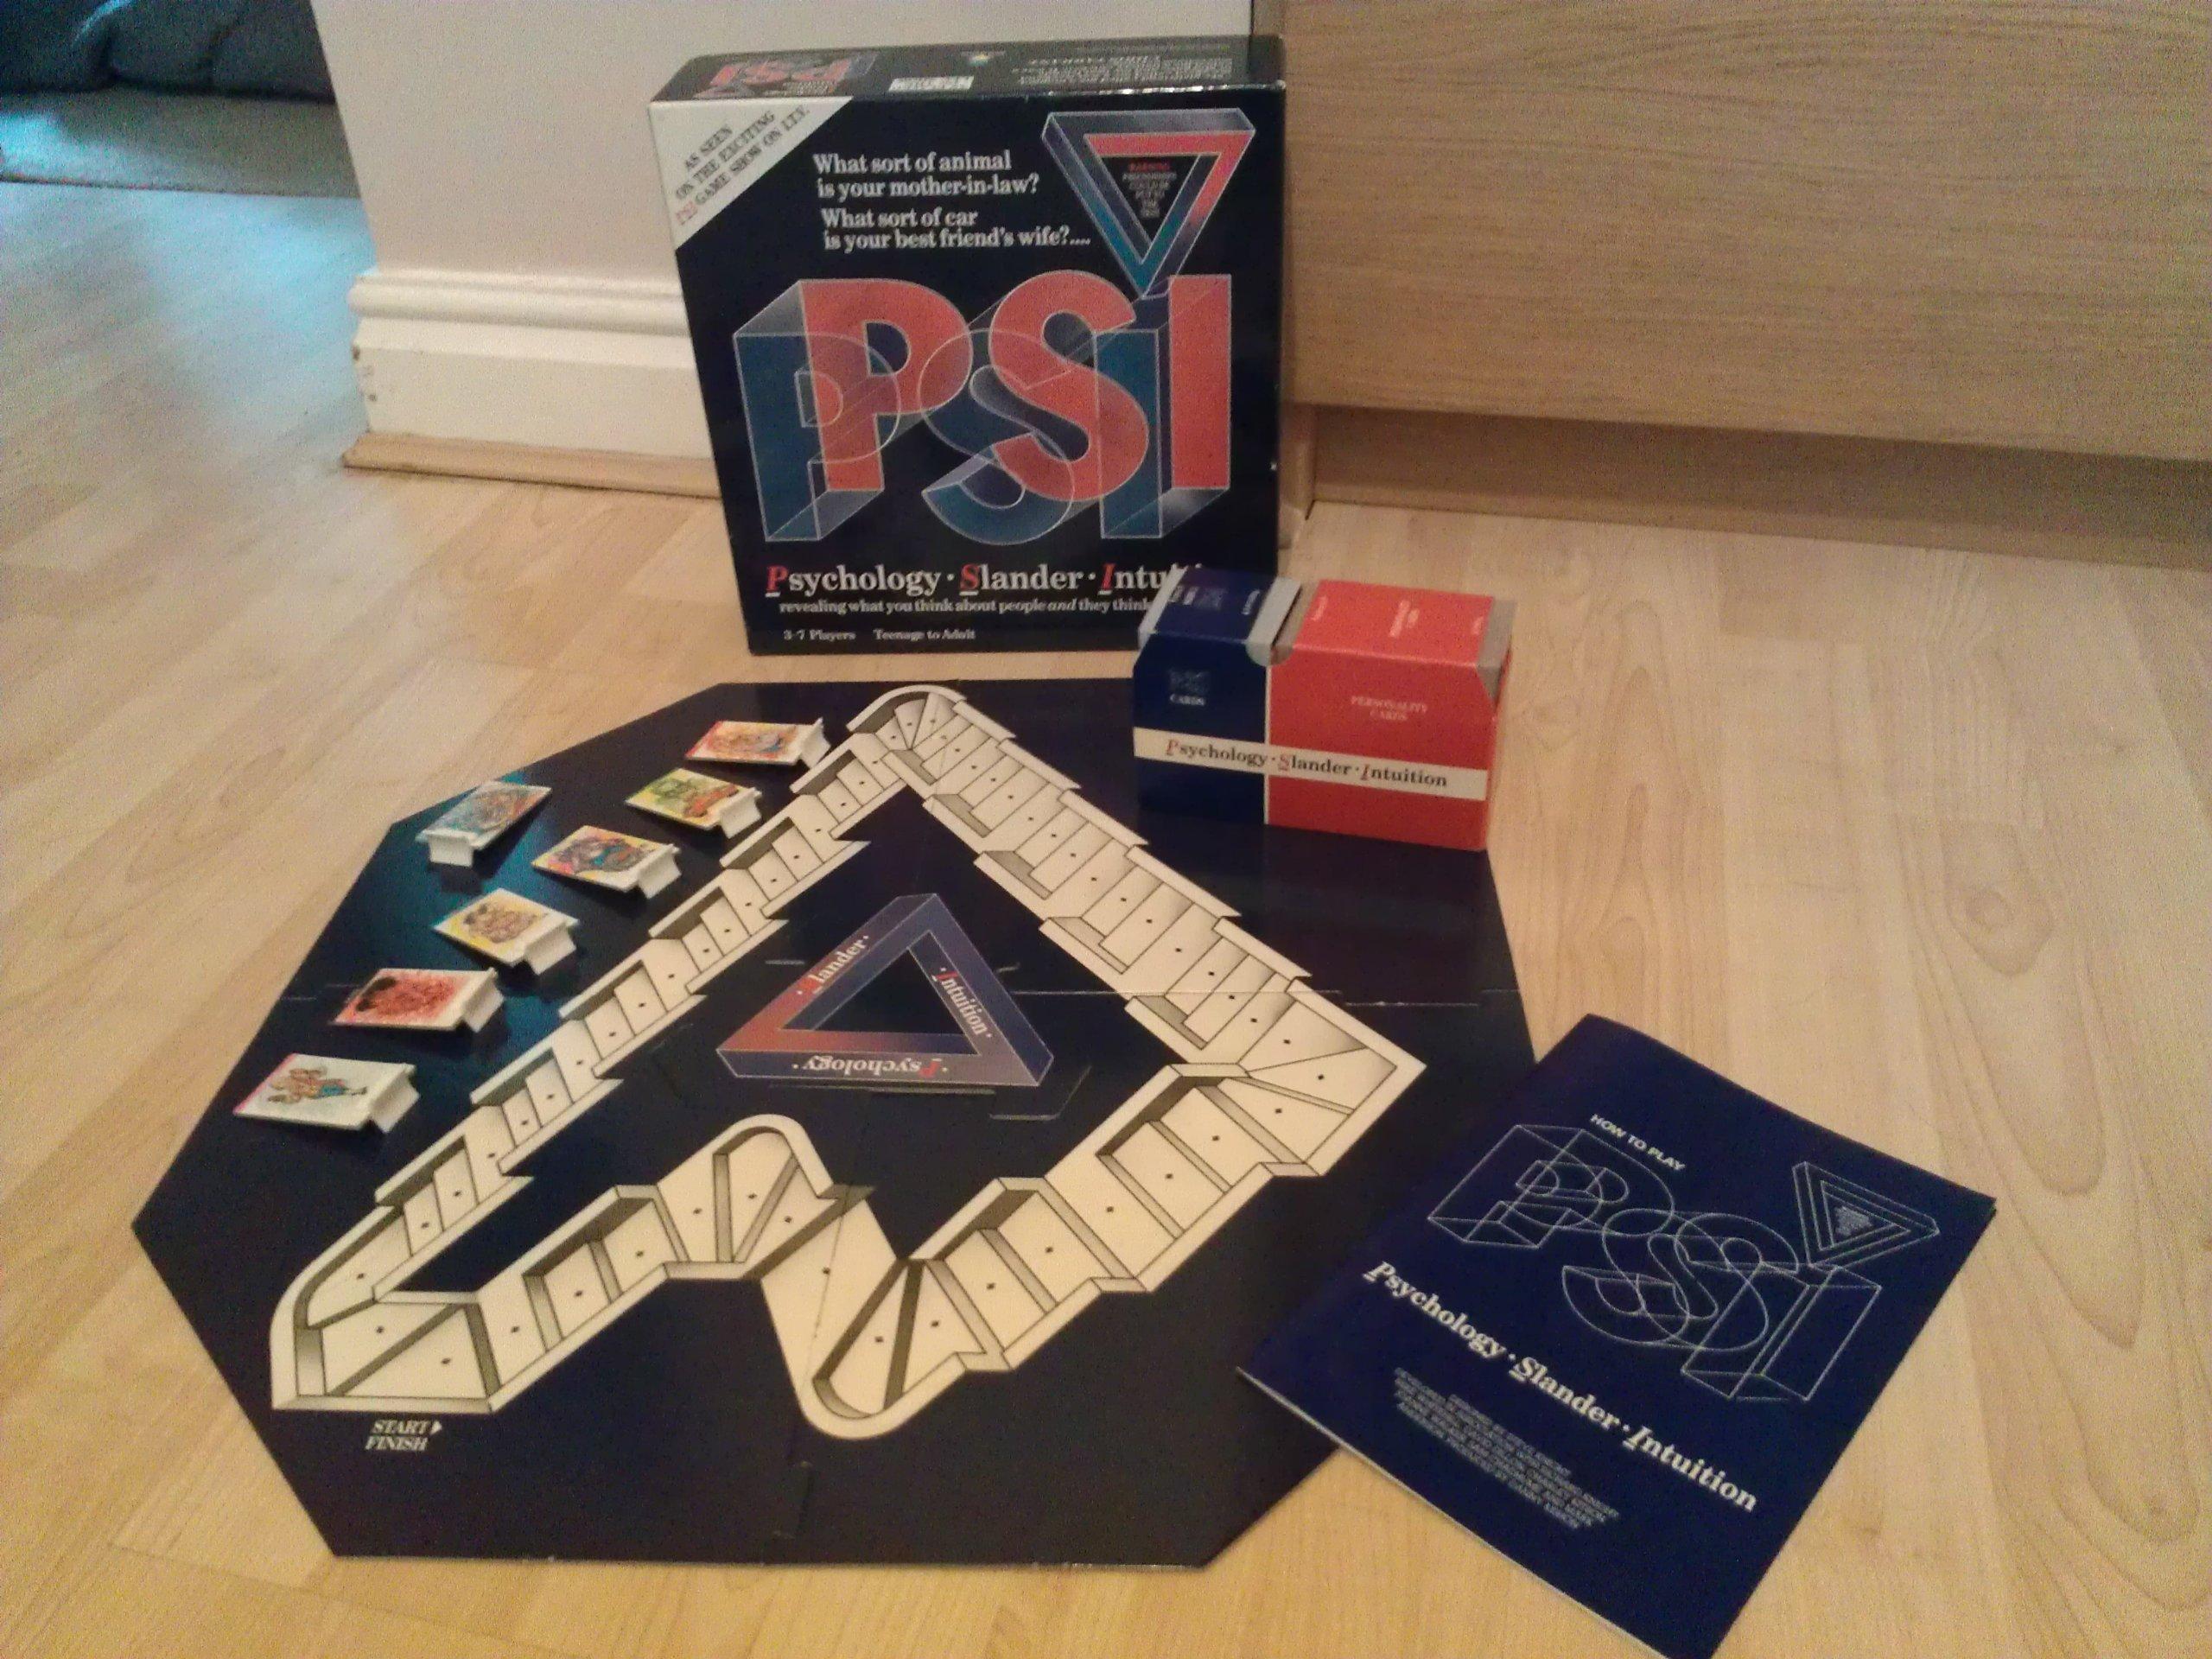 PSI Psychology Slander Intuition